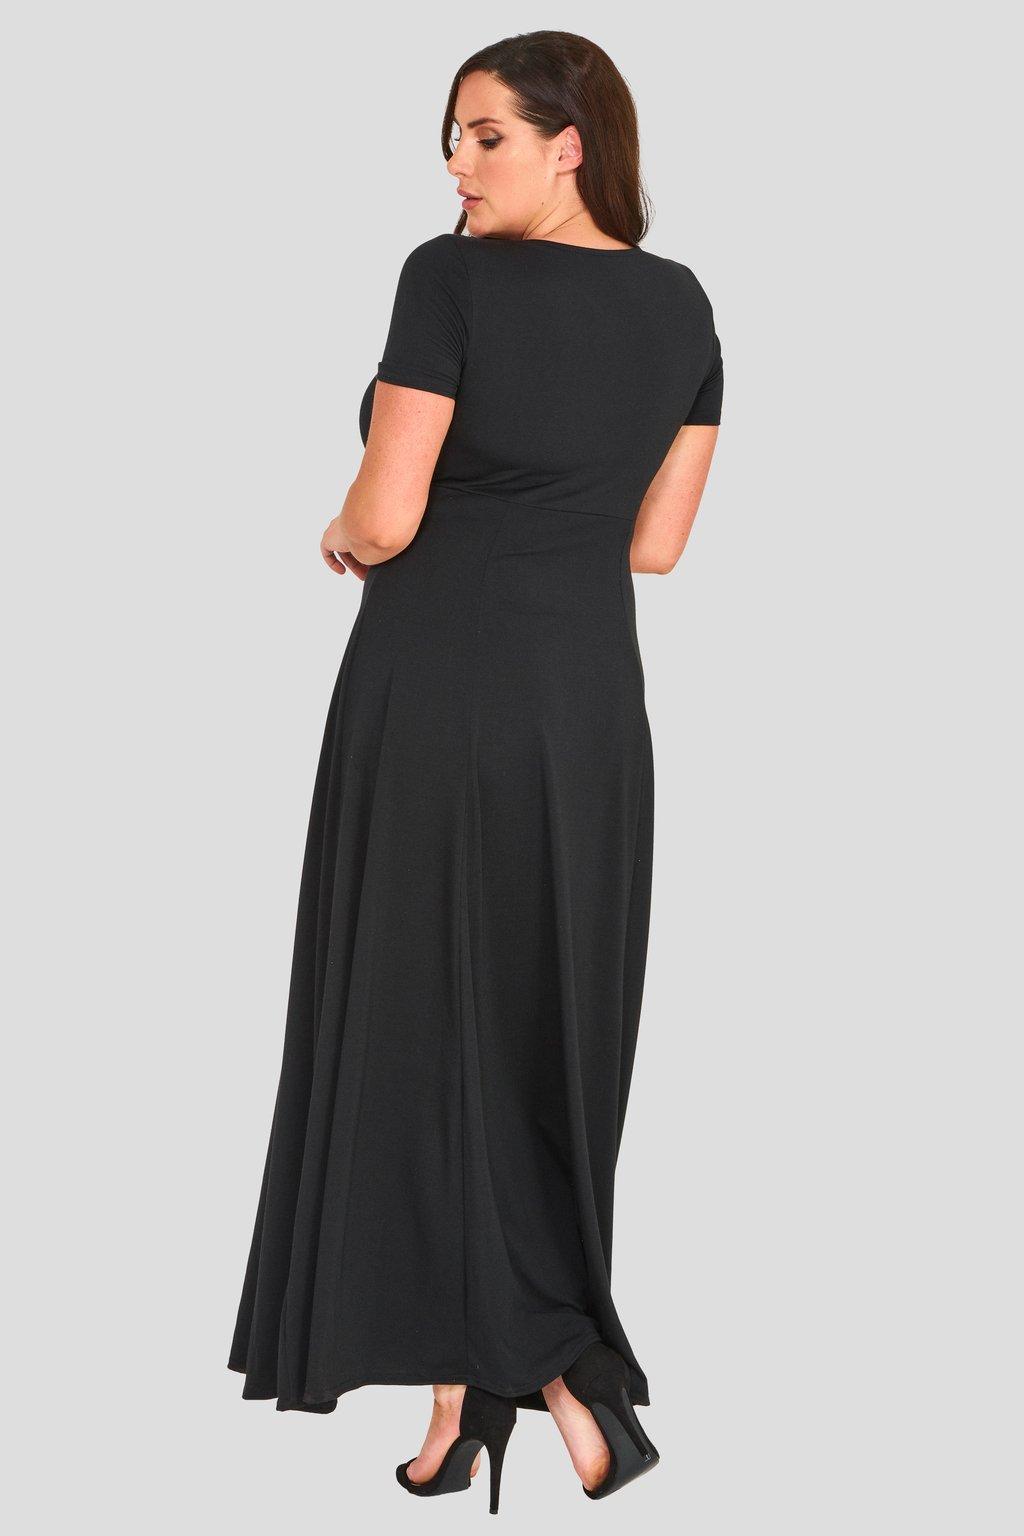 bcb63175656 Dlouhé šaty Goa s hlubokým výstřihem černé - Bellazu.cz